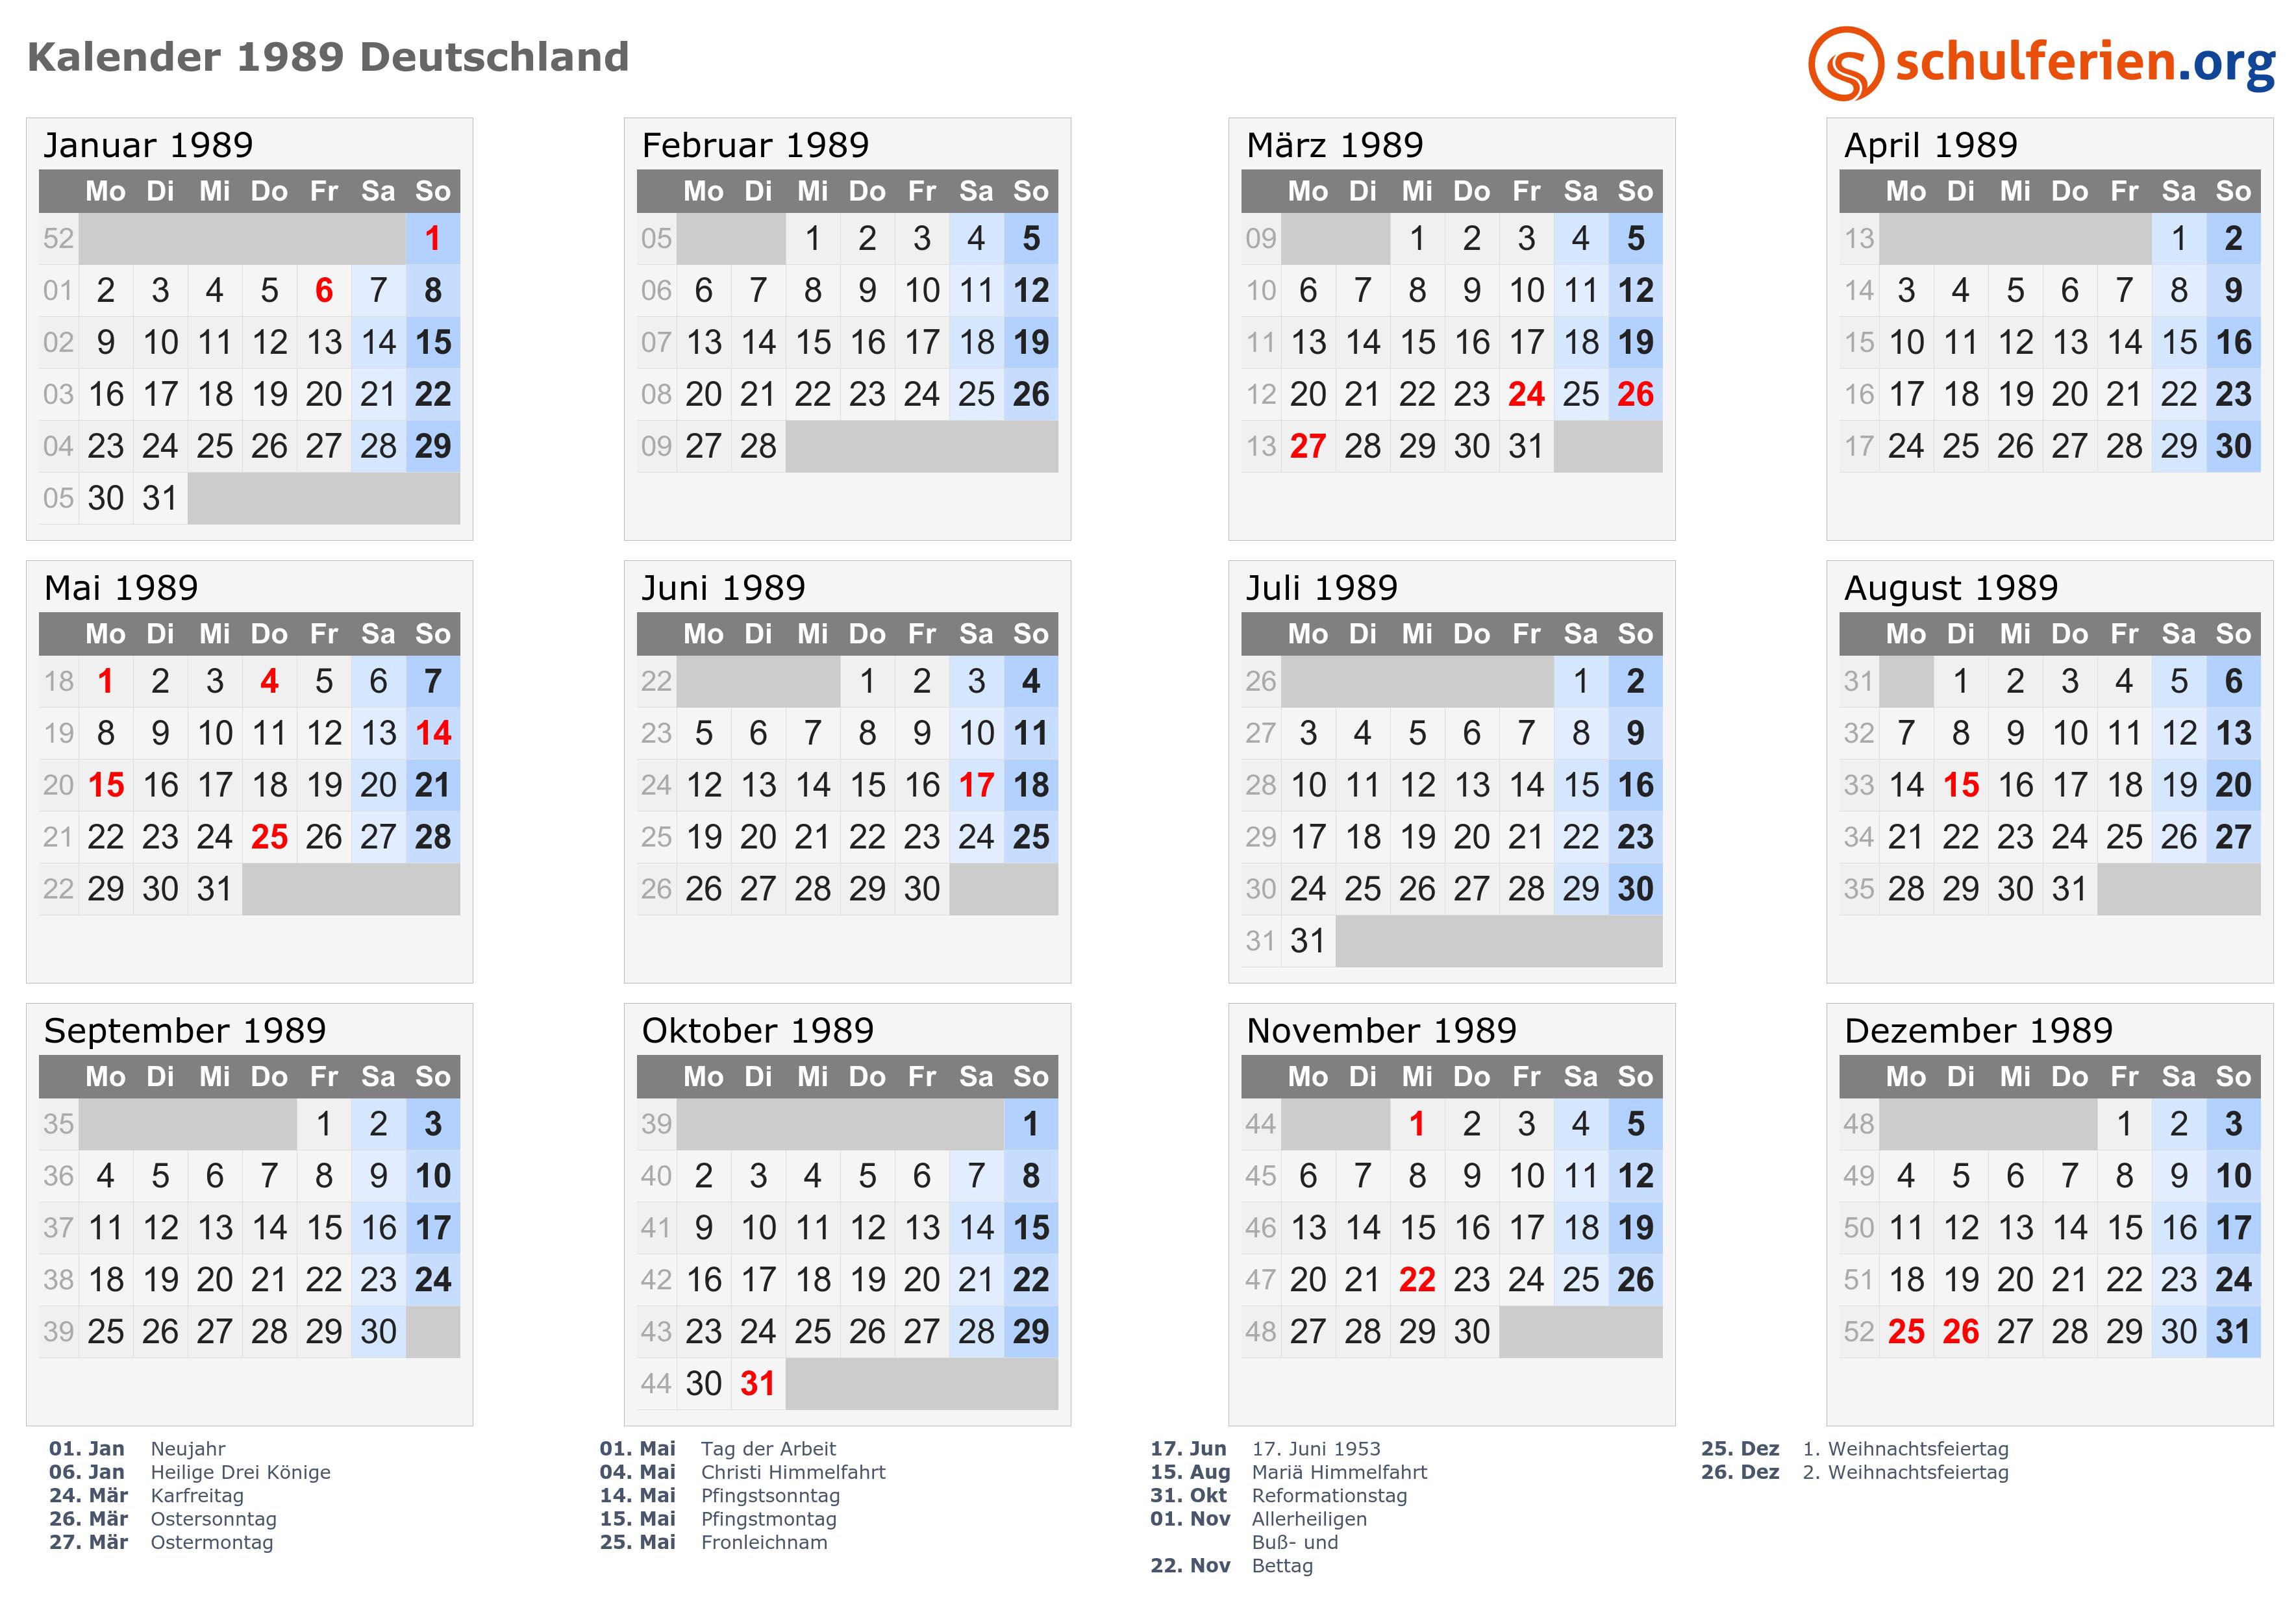 Kalender 1989 mit Feiertagen